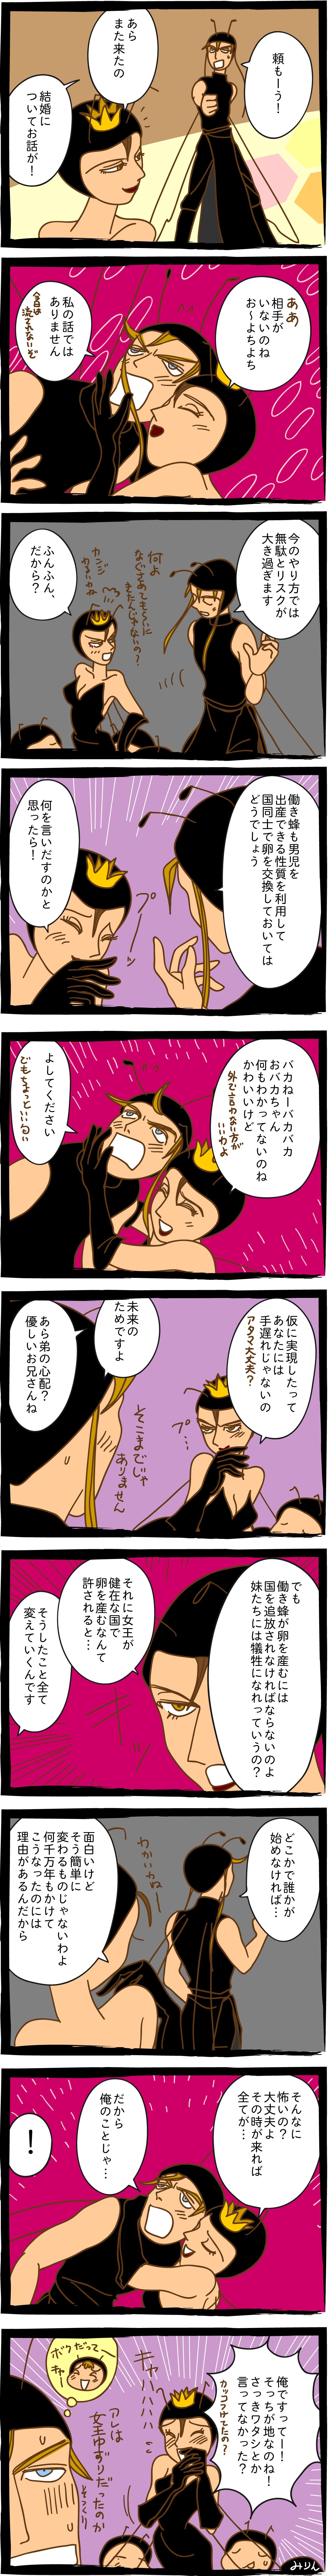 みつばち漫画みつばちさん:51. ああっ女王様っ!(2)